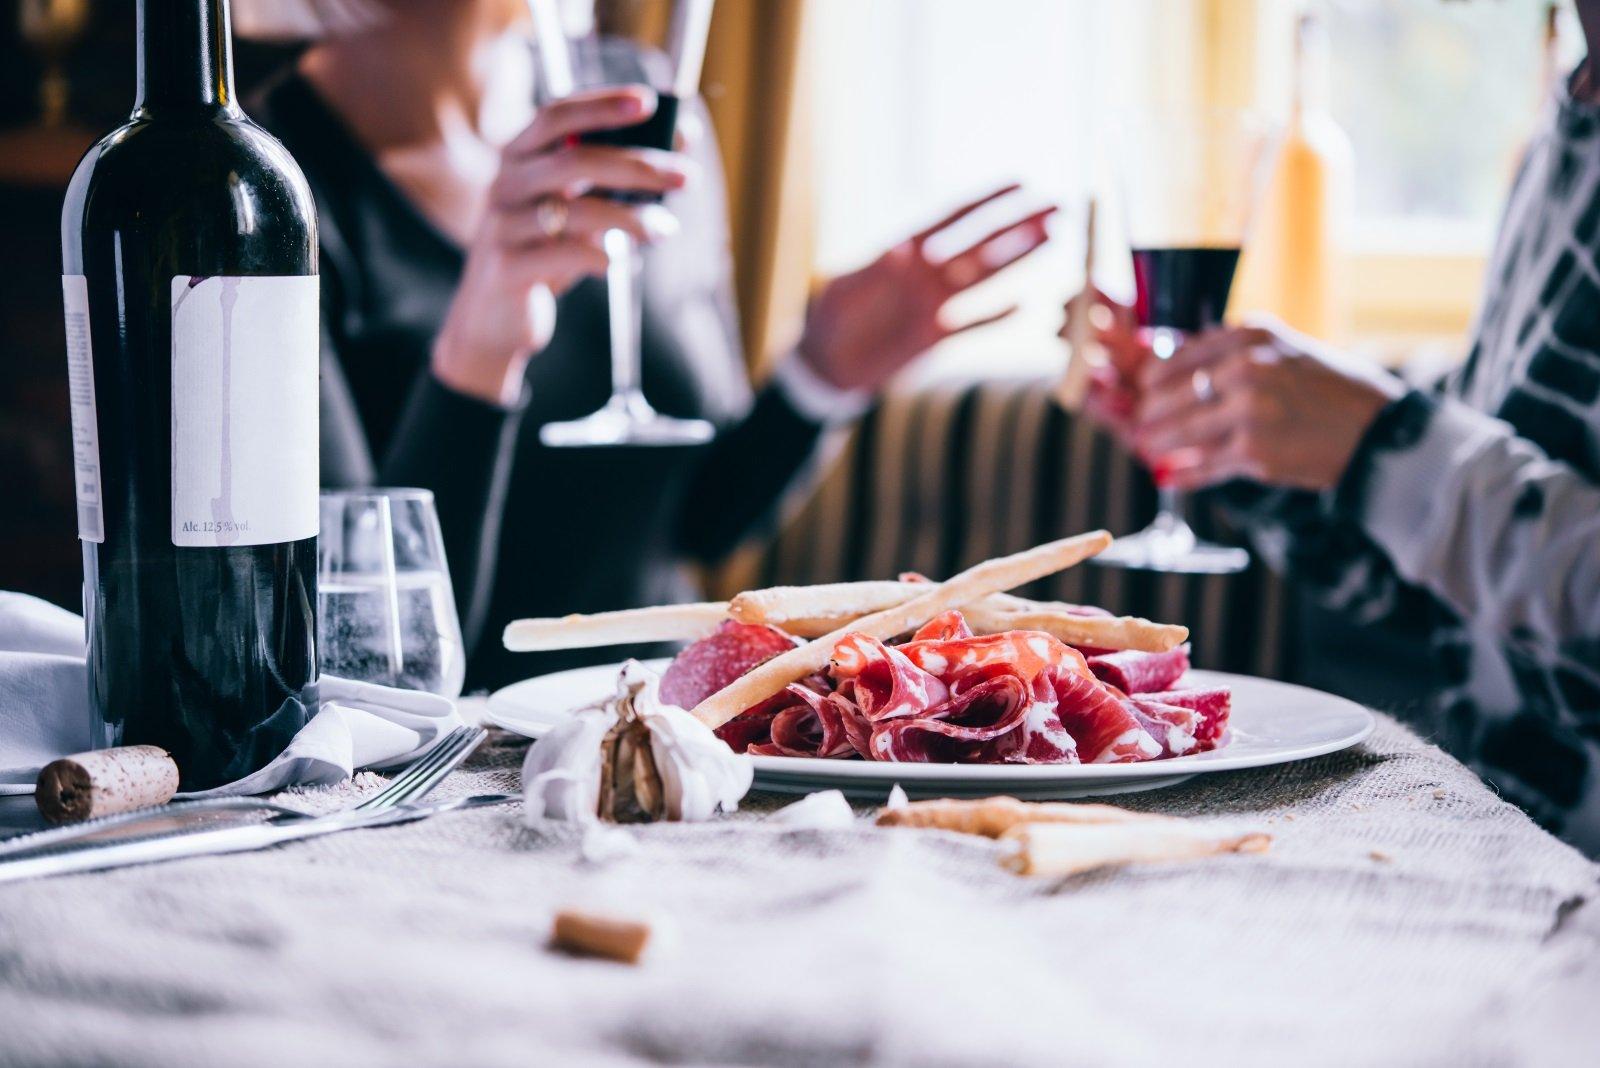 Bottiglia di vino rosso e piatti con salumi durante un aperitivo